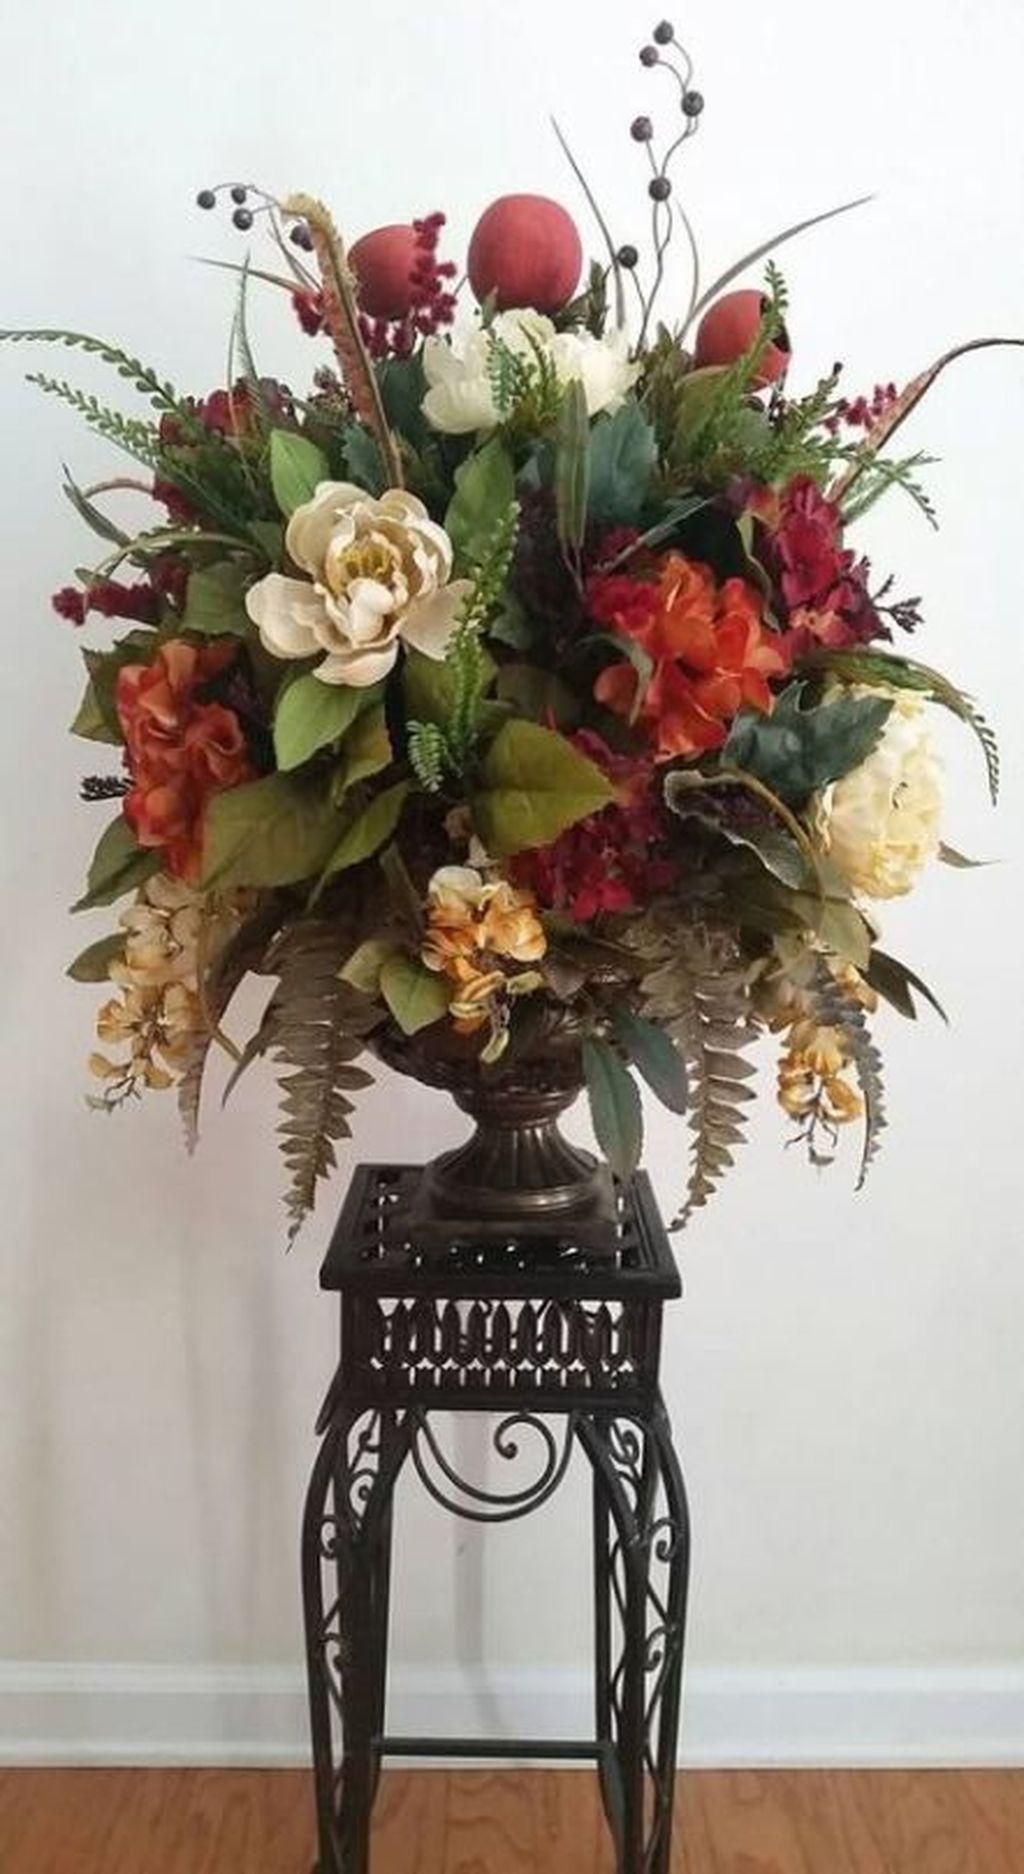 Fabulous Floral Arrangements Design Ideas 10